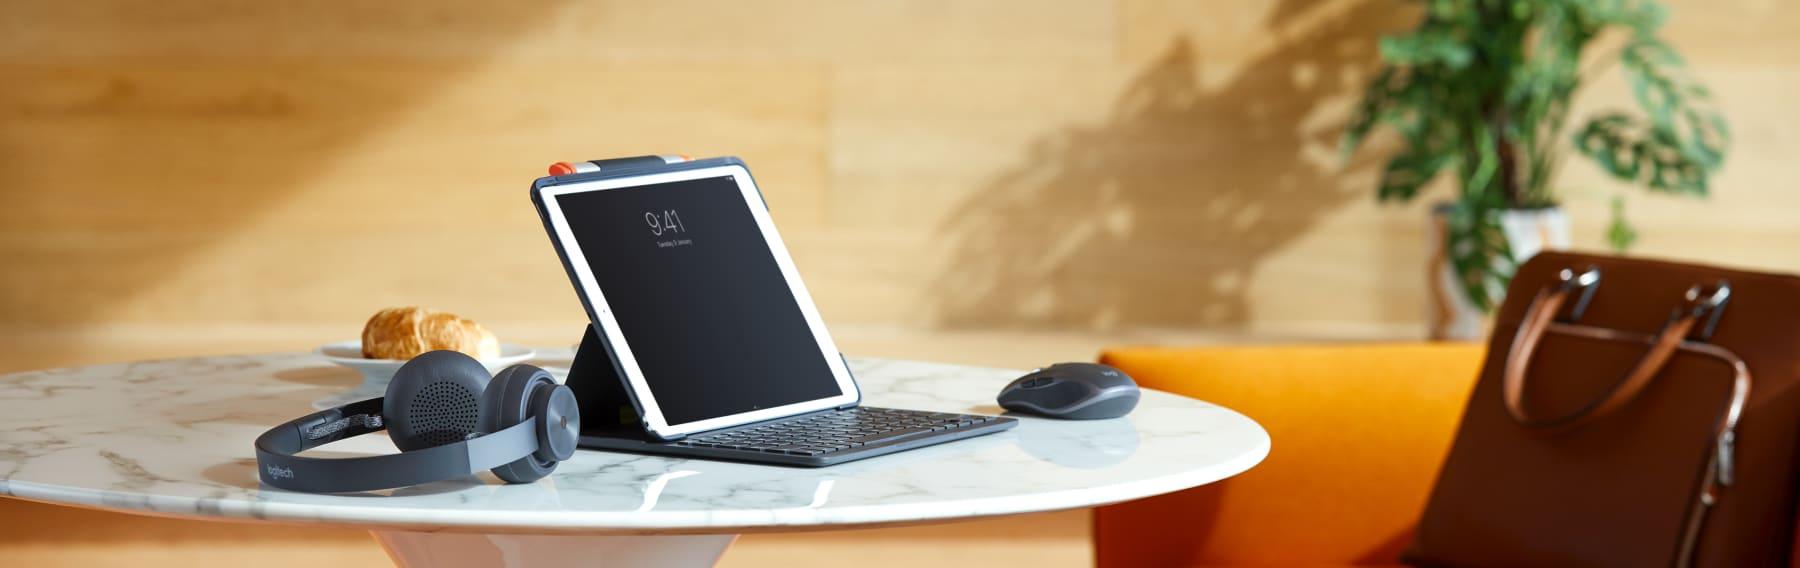 iPad-opsætning med Logitech-tilbehør